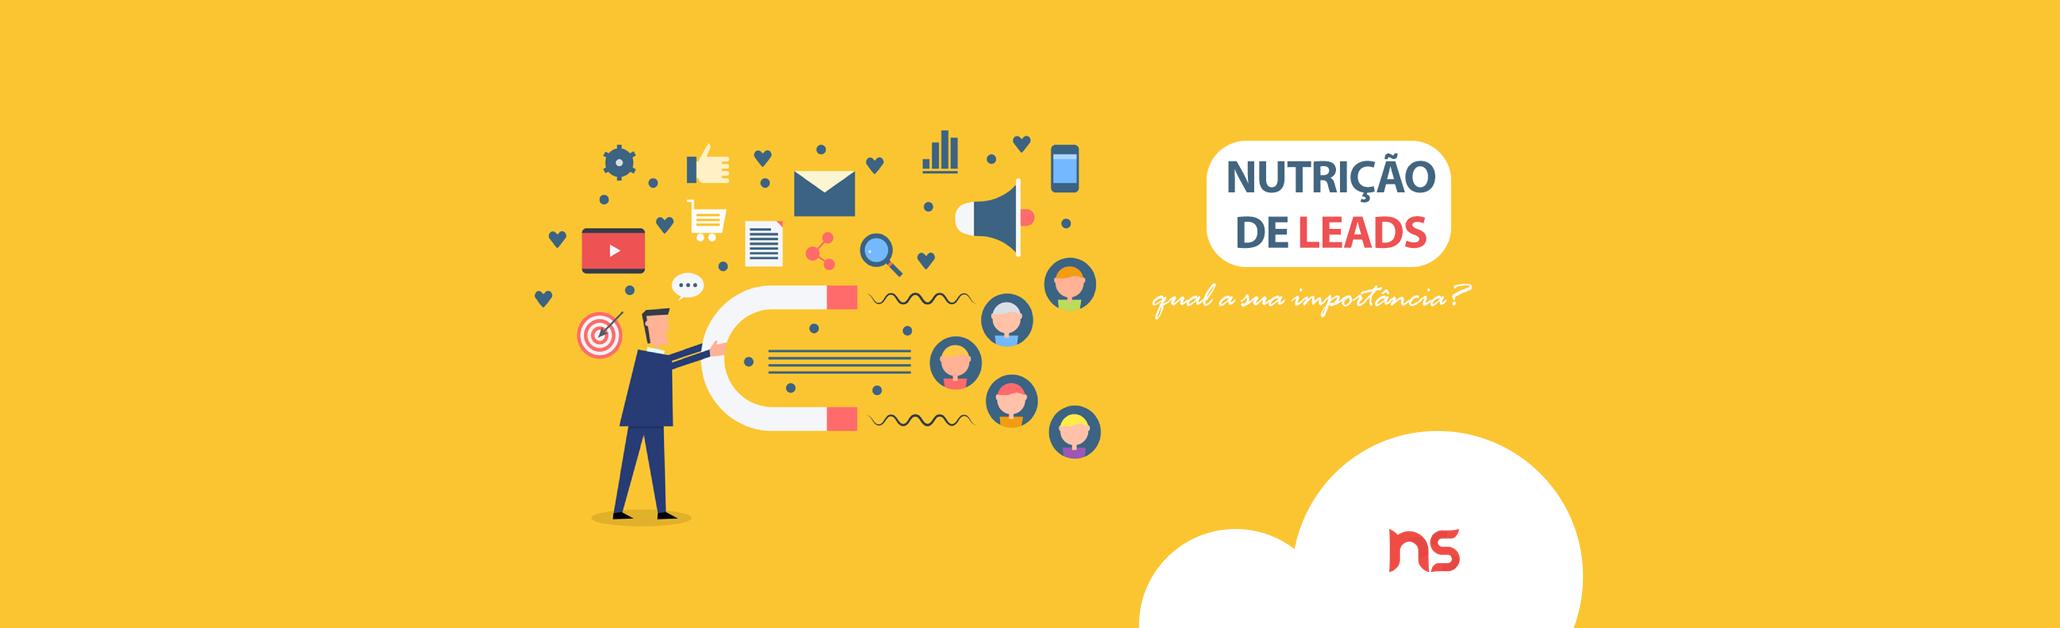 Nutrição de leads: entenda o que é e qual a sua importância